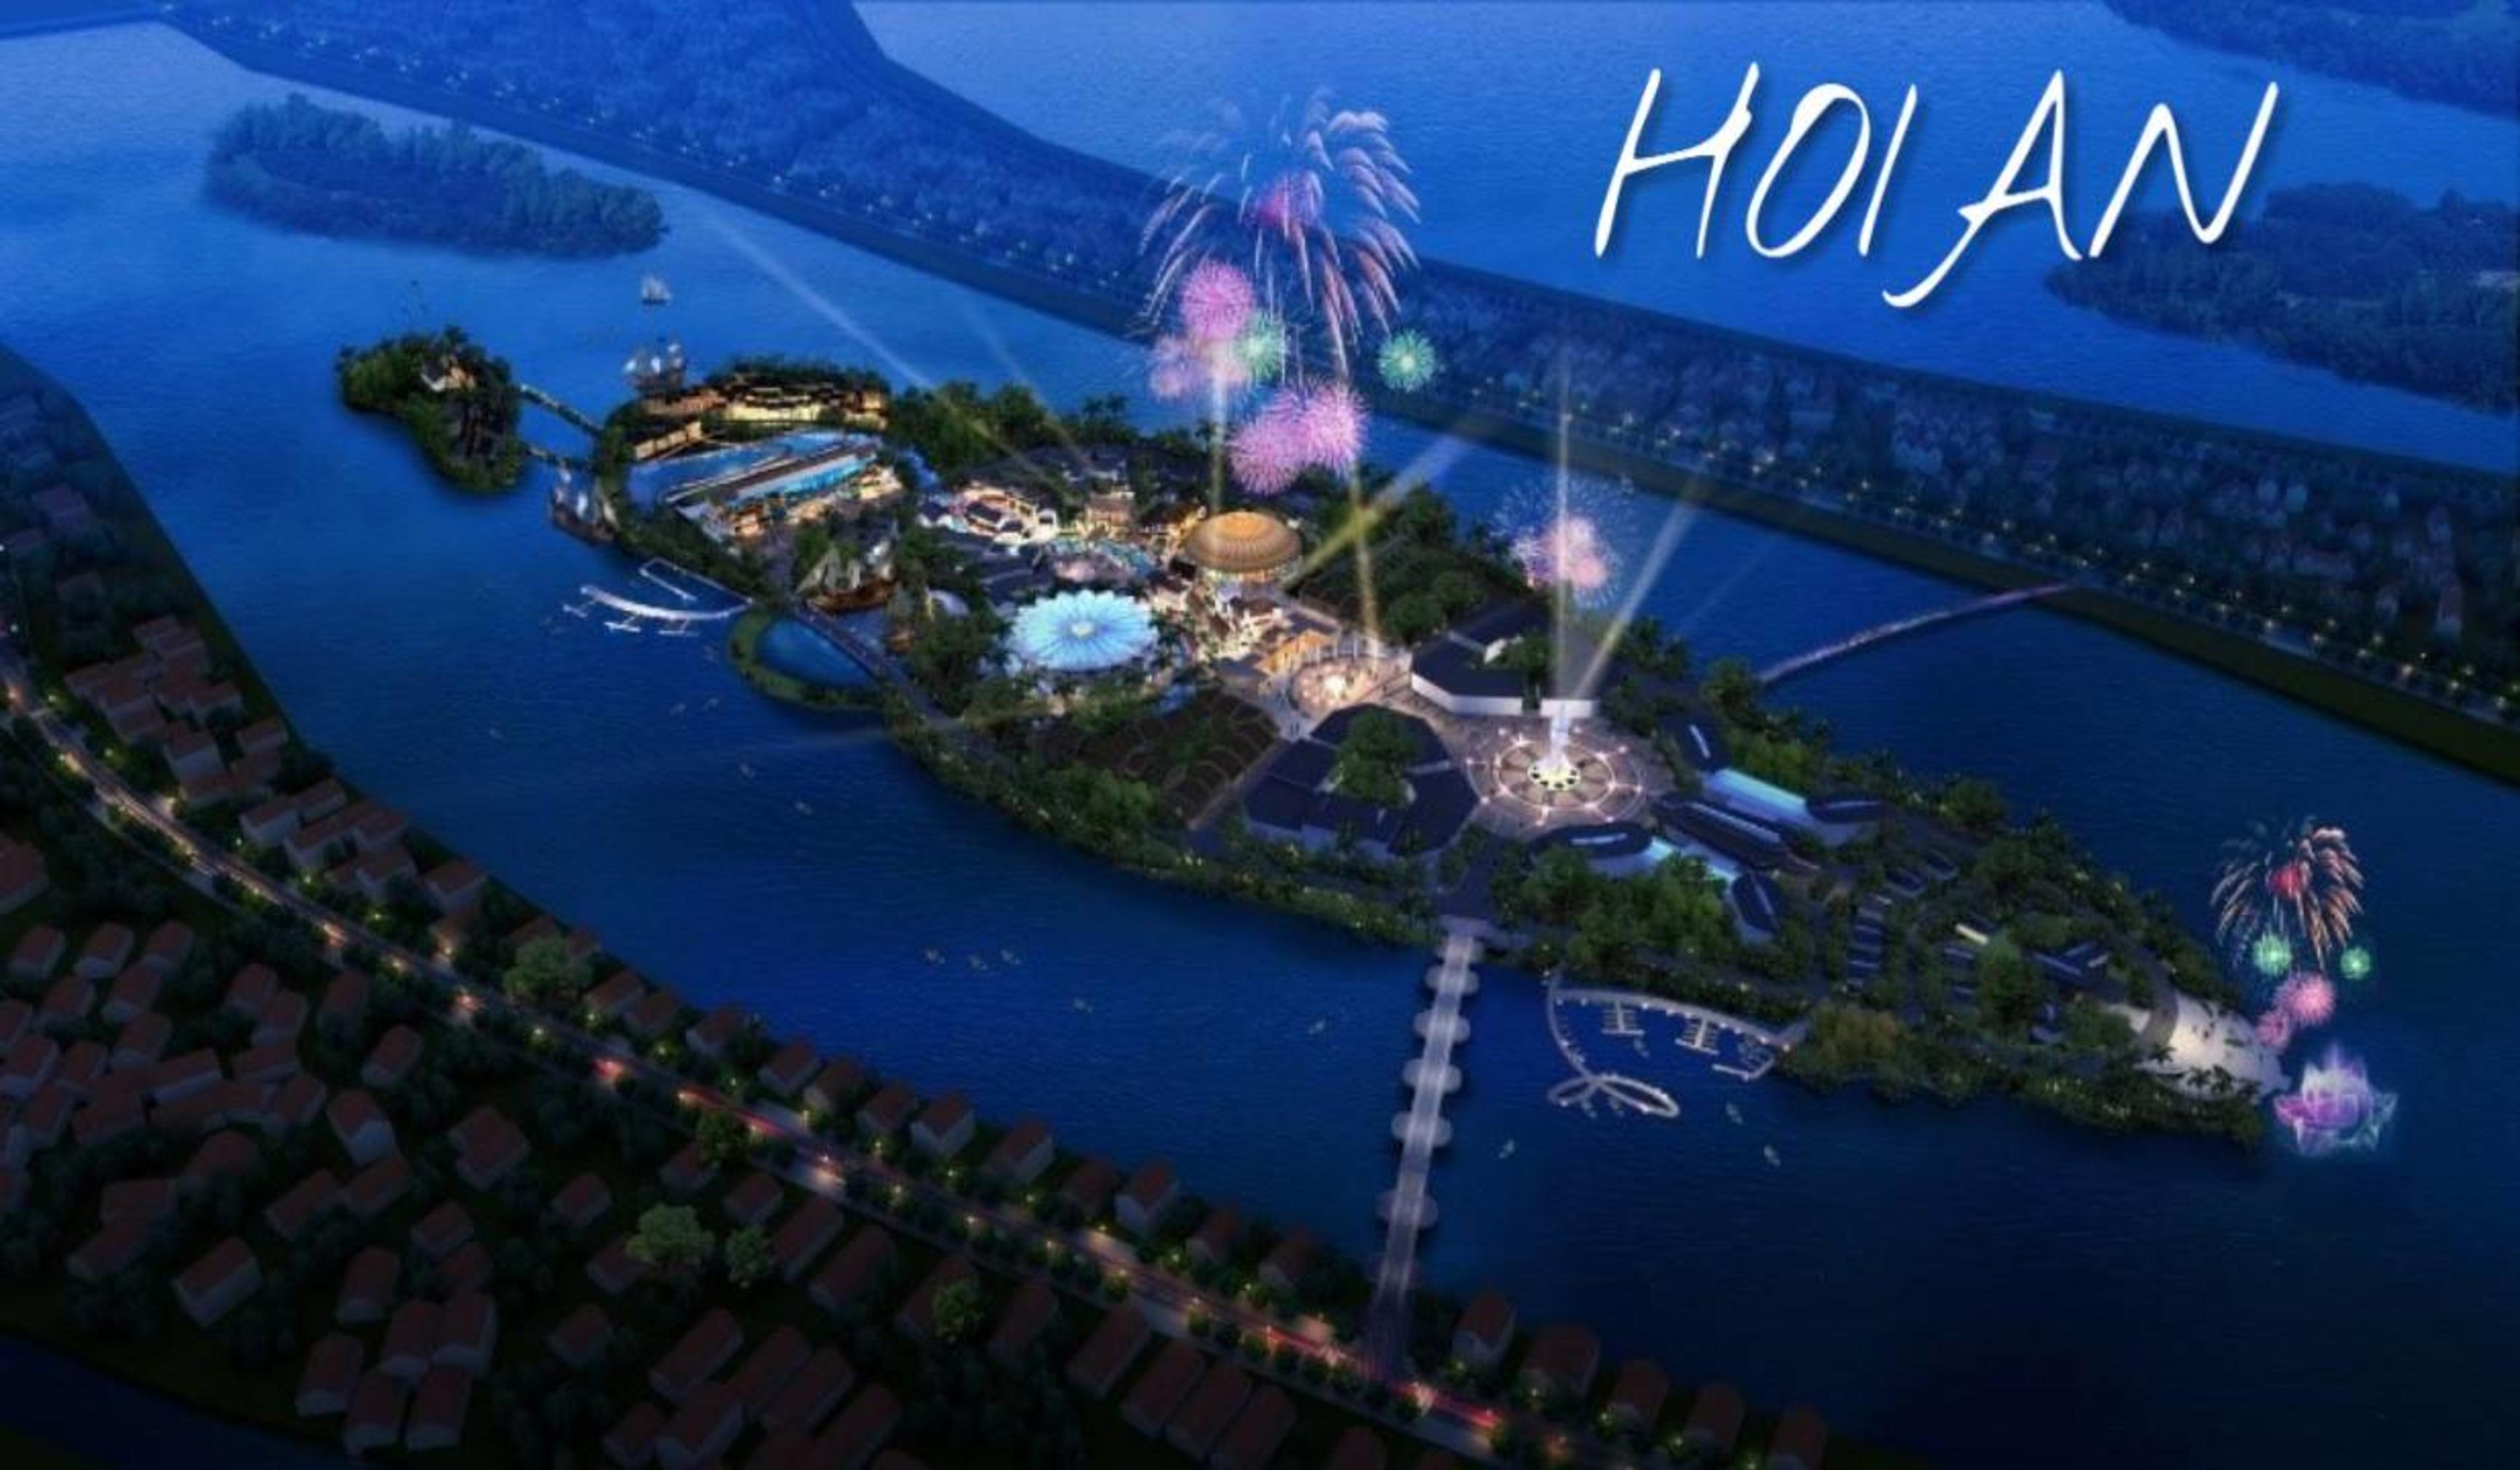 """มหัศจรรย์  ฮอยอัน ชมเมือง เมืองมรดกโลก """"ฮอยอัน"""""""